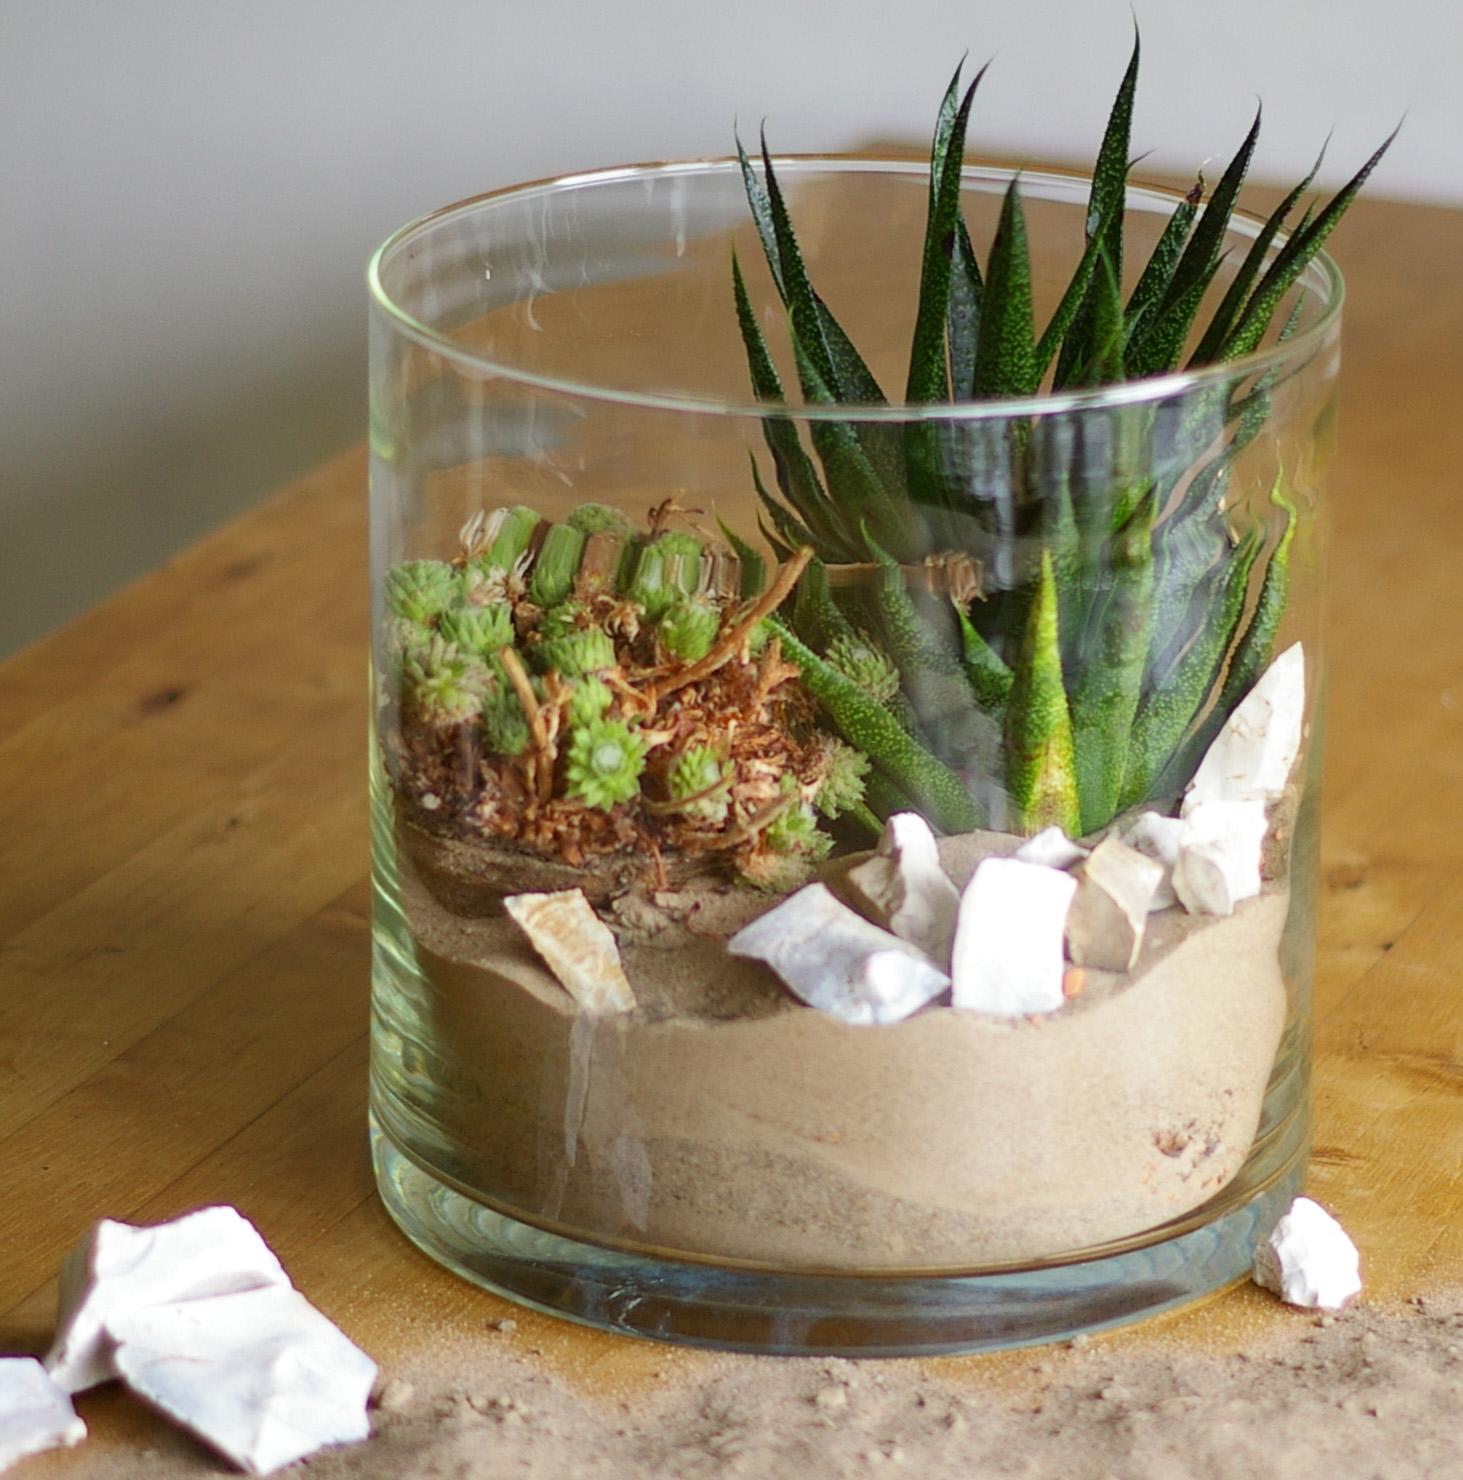 pflanzen im glas mit sand